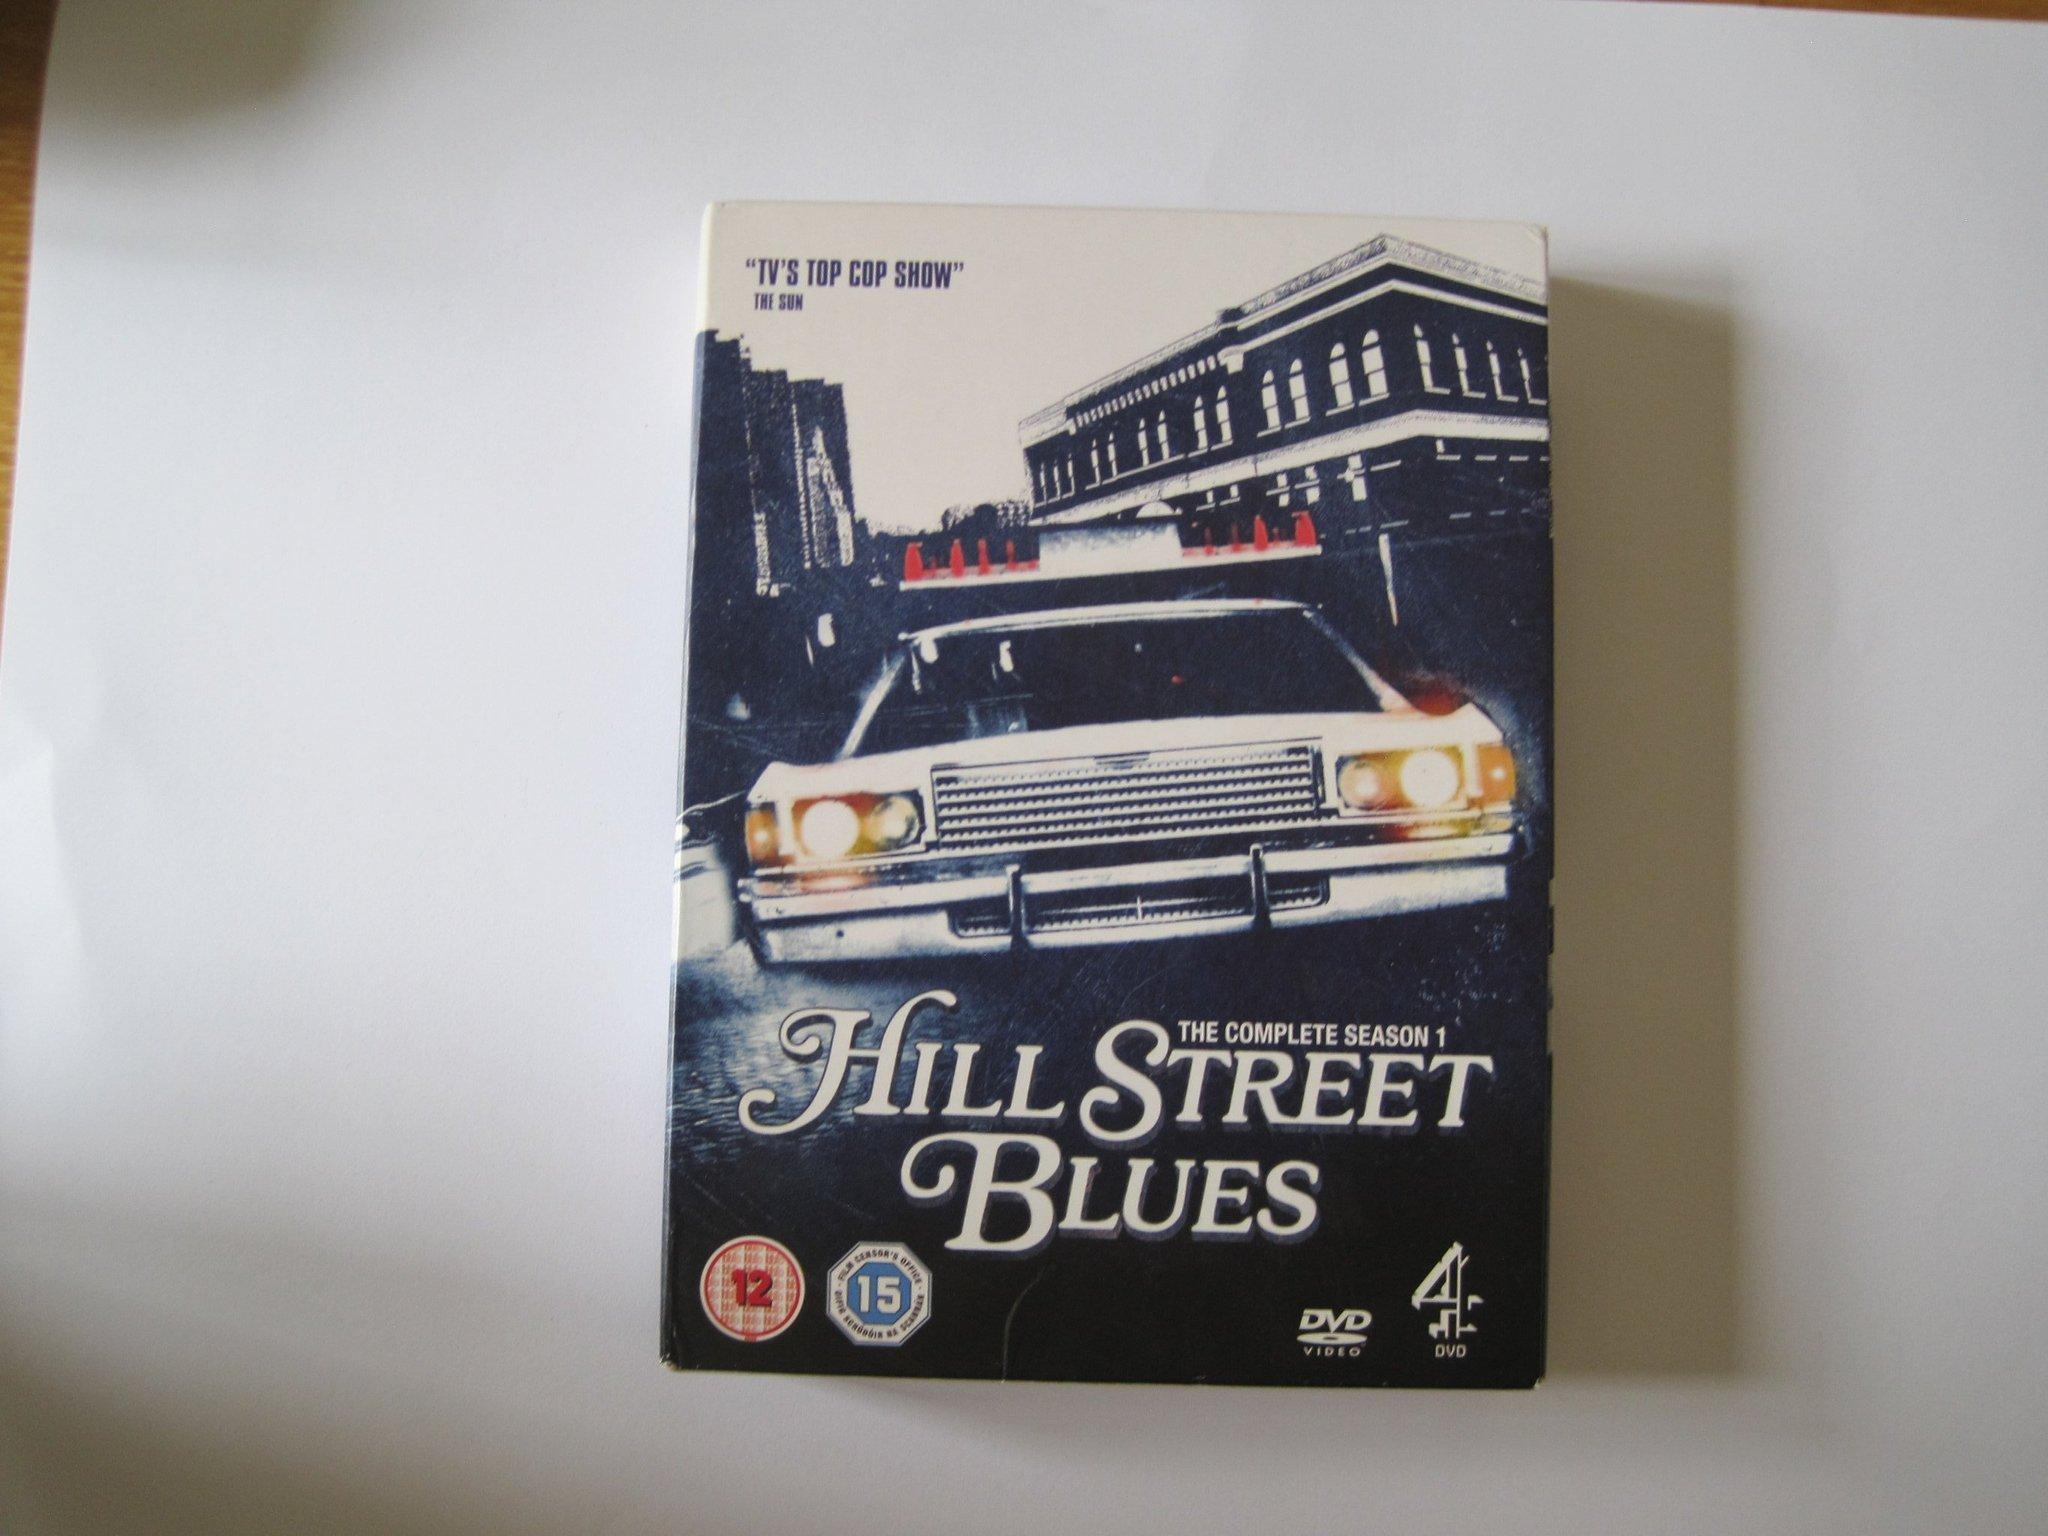 Hill Street Blues - Spanarna på Hillstreet - DV   (360075121